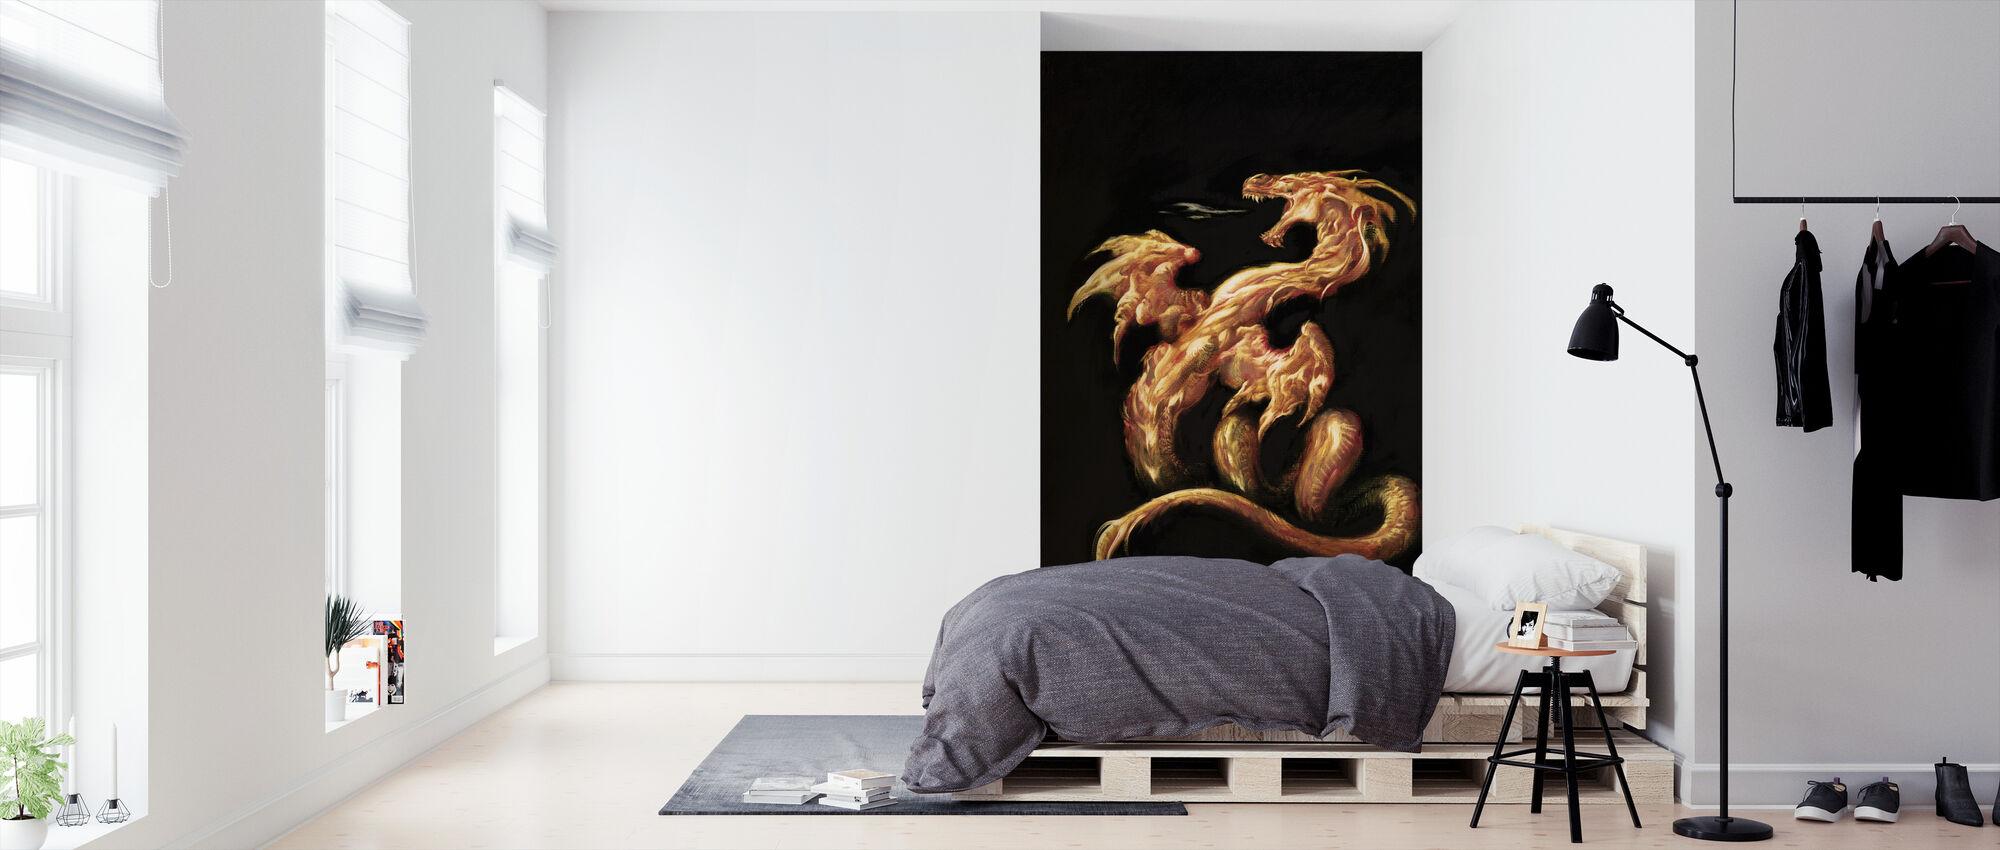 Fire - Wallpaper - Bedroom